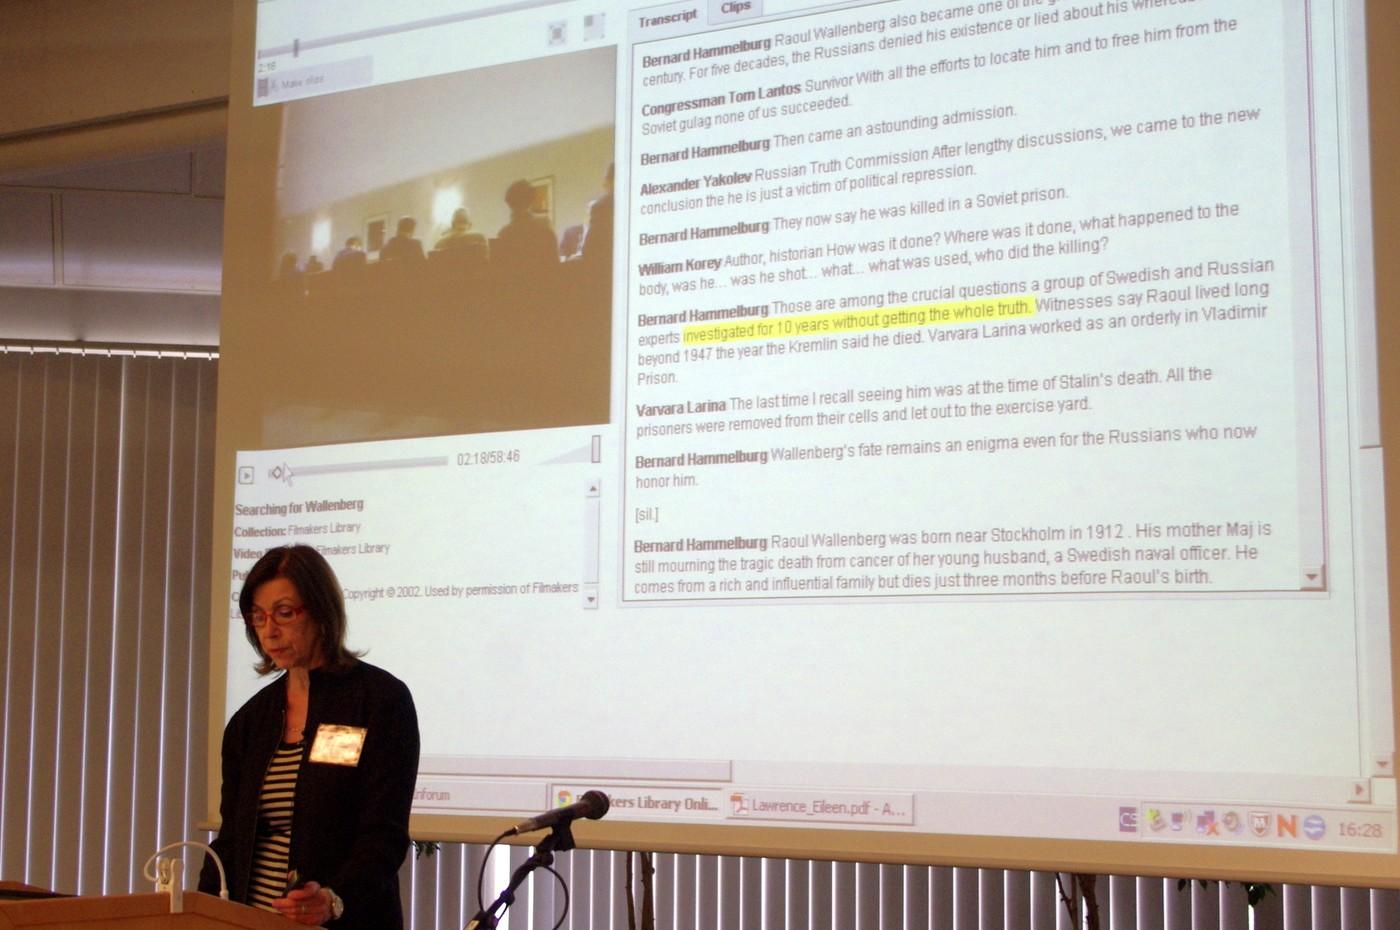 Eileen Lawrence hovoří o textovém přepisu videa a jeho možnostech pro vyhledávání